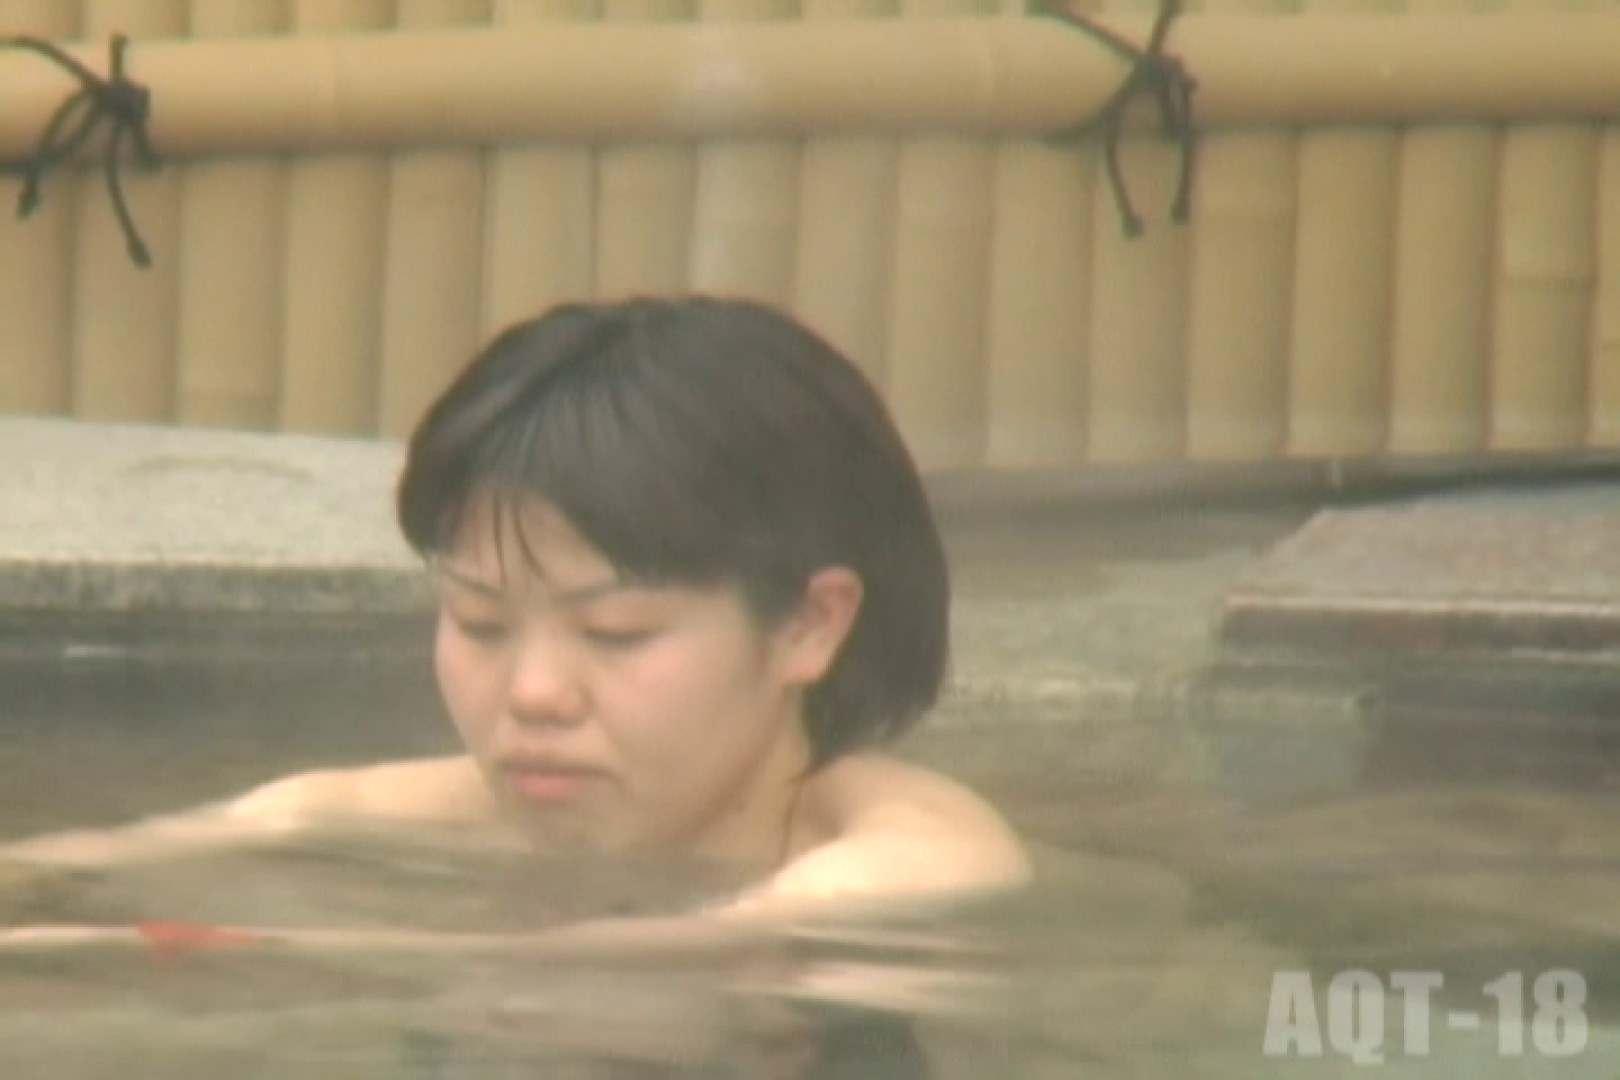 Aquaな露天風呂Vol.861 盗撮 | OLのエロ生活  107連発 67